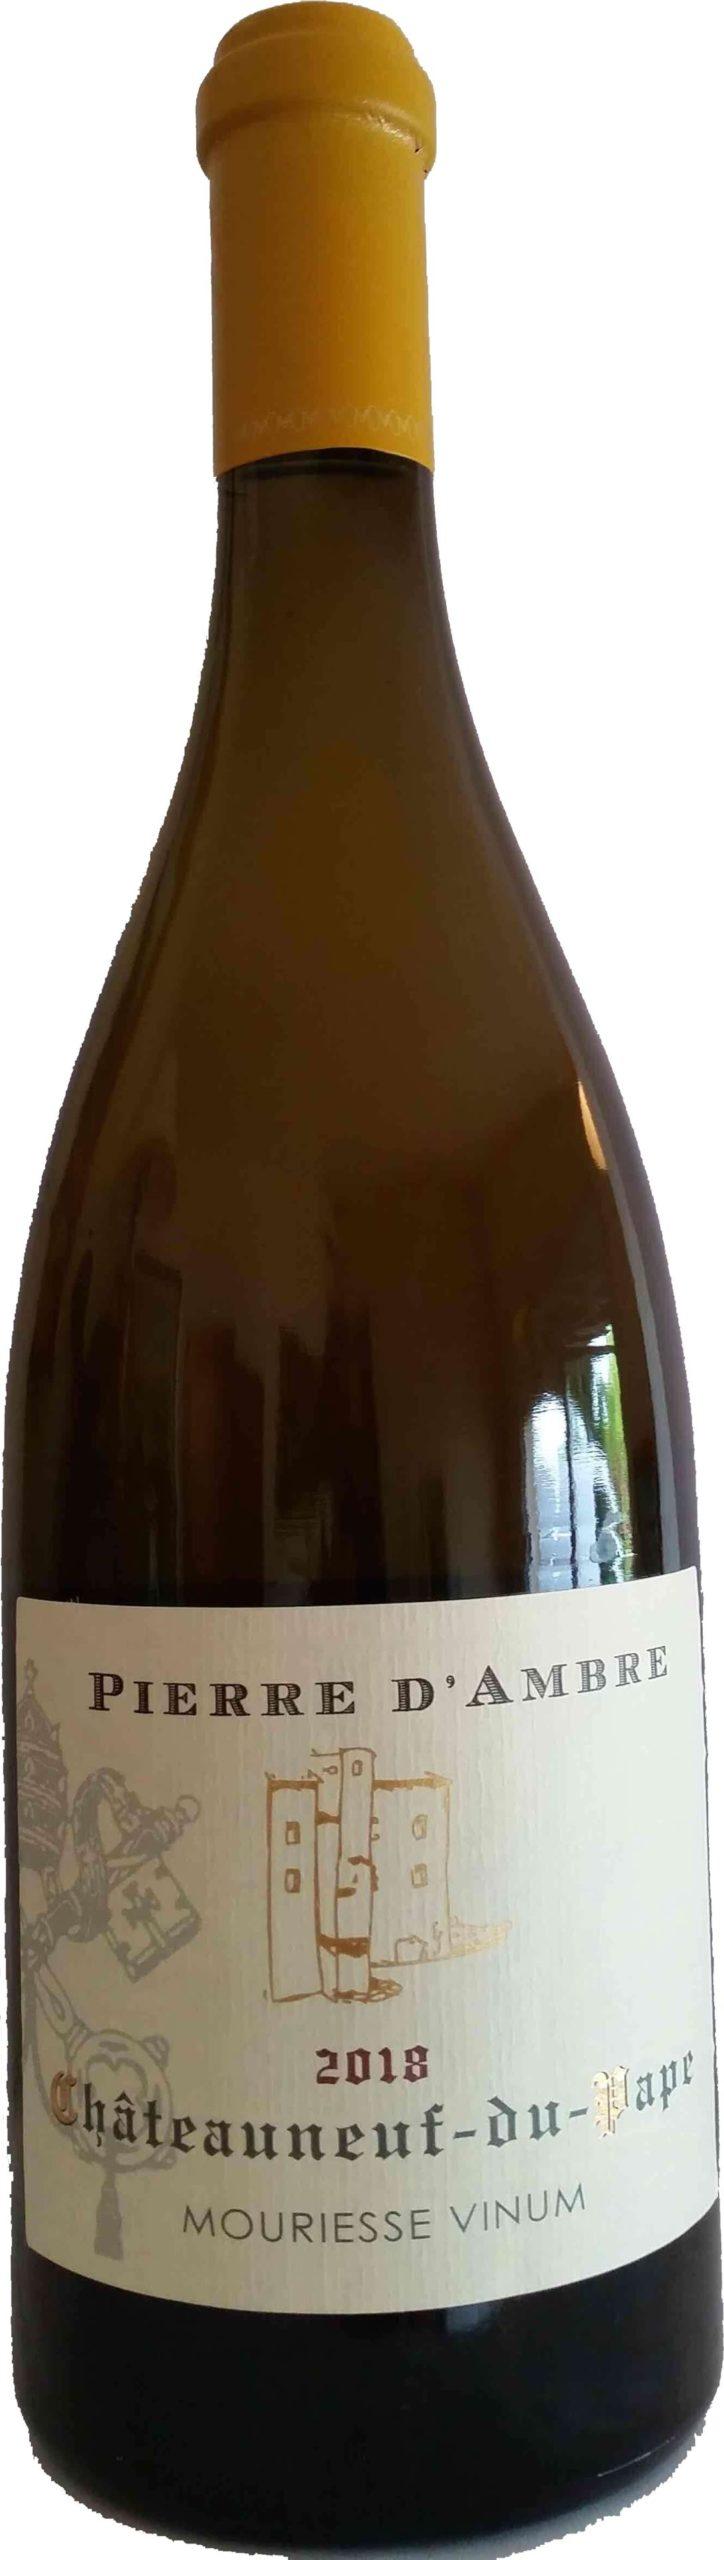 Mouriesse Vinum – Pierre d'Ambre 2019 – Châteauneuf-du-Pape